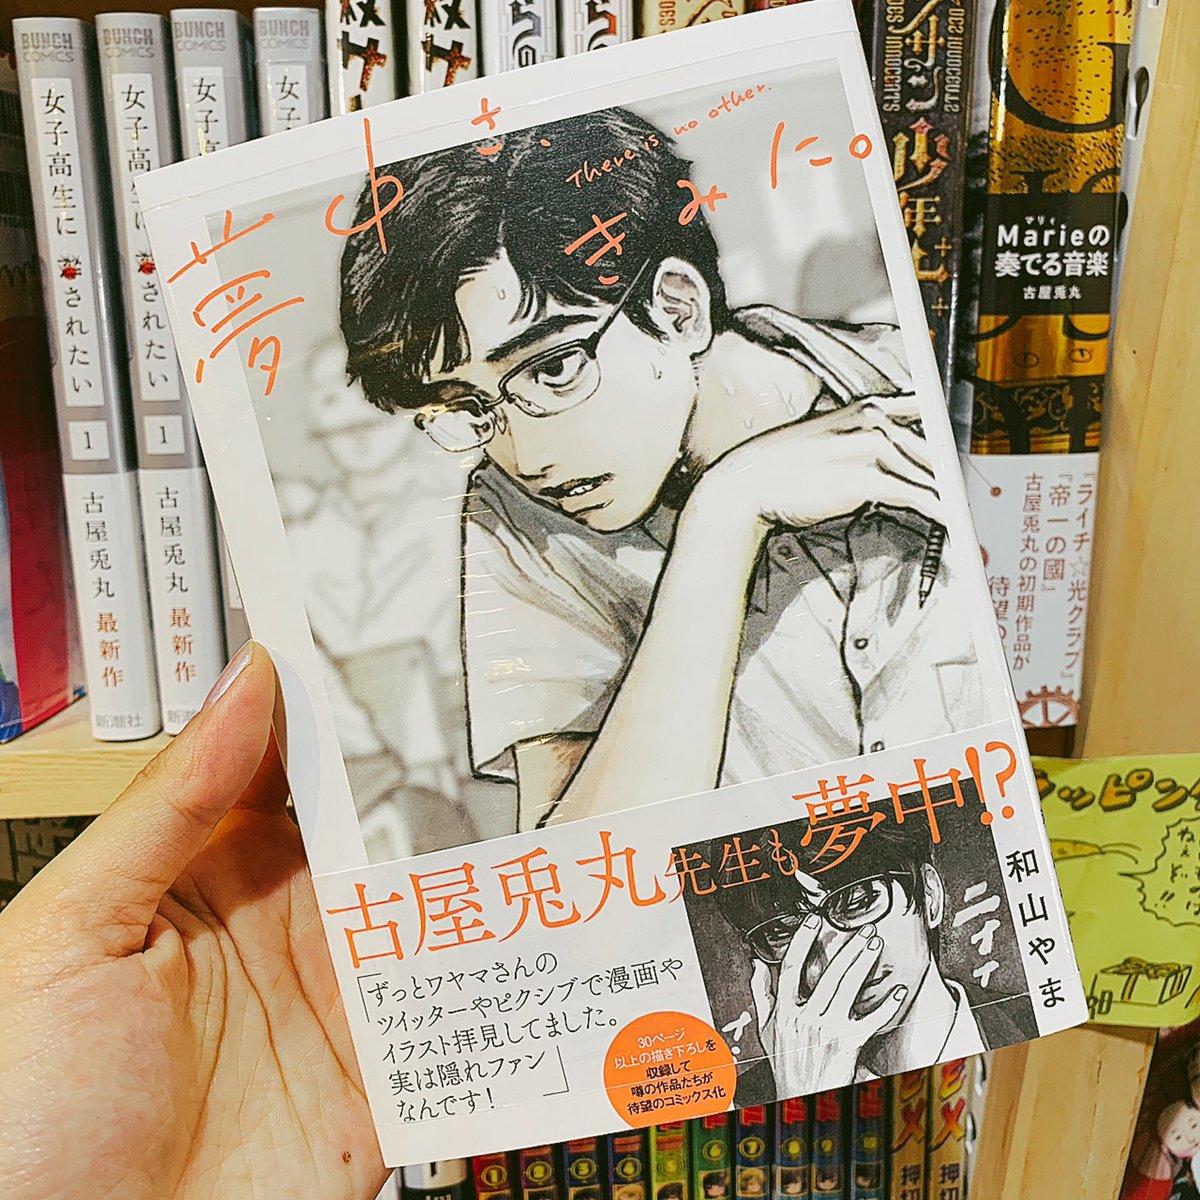 いまイチバン気になるコミック和山やま(@wymaaa )『夢中さ、きみに。』重版後やっっっとの入荷です‼️しかしどこの書店も欲しがり過ぎて当店数冊しか入ってこなかったのでお早めにお買い求めください😖📙惹き込まれること間違いない試し読みはコチラ→